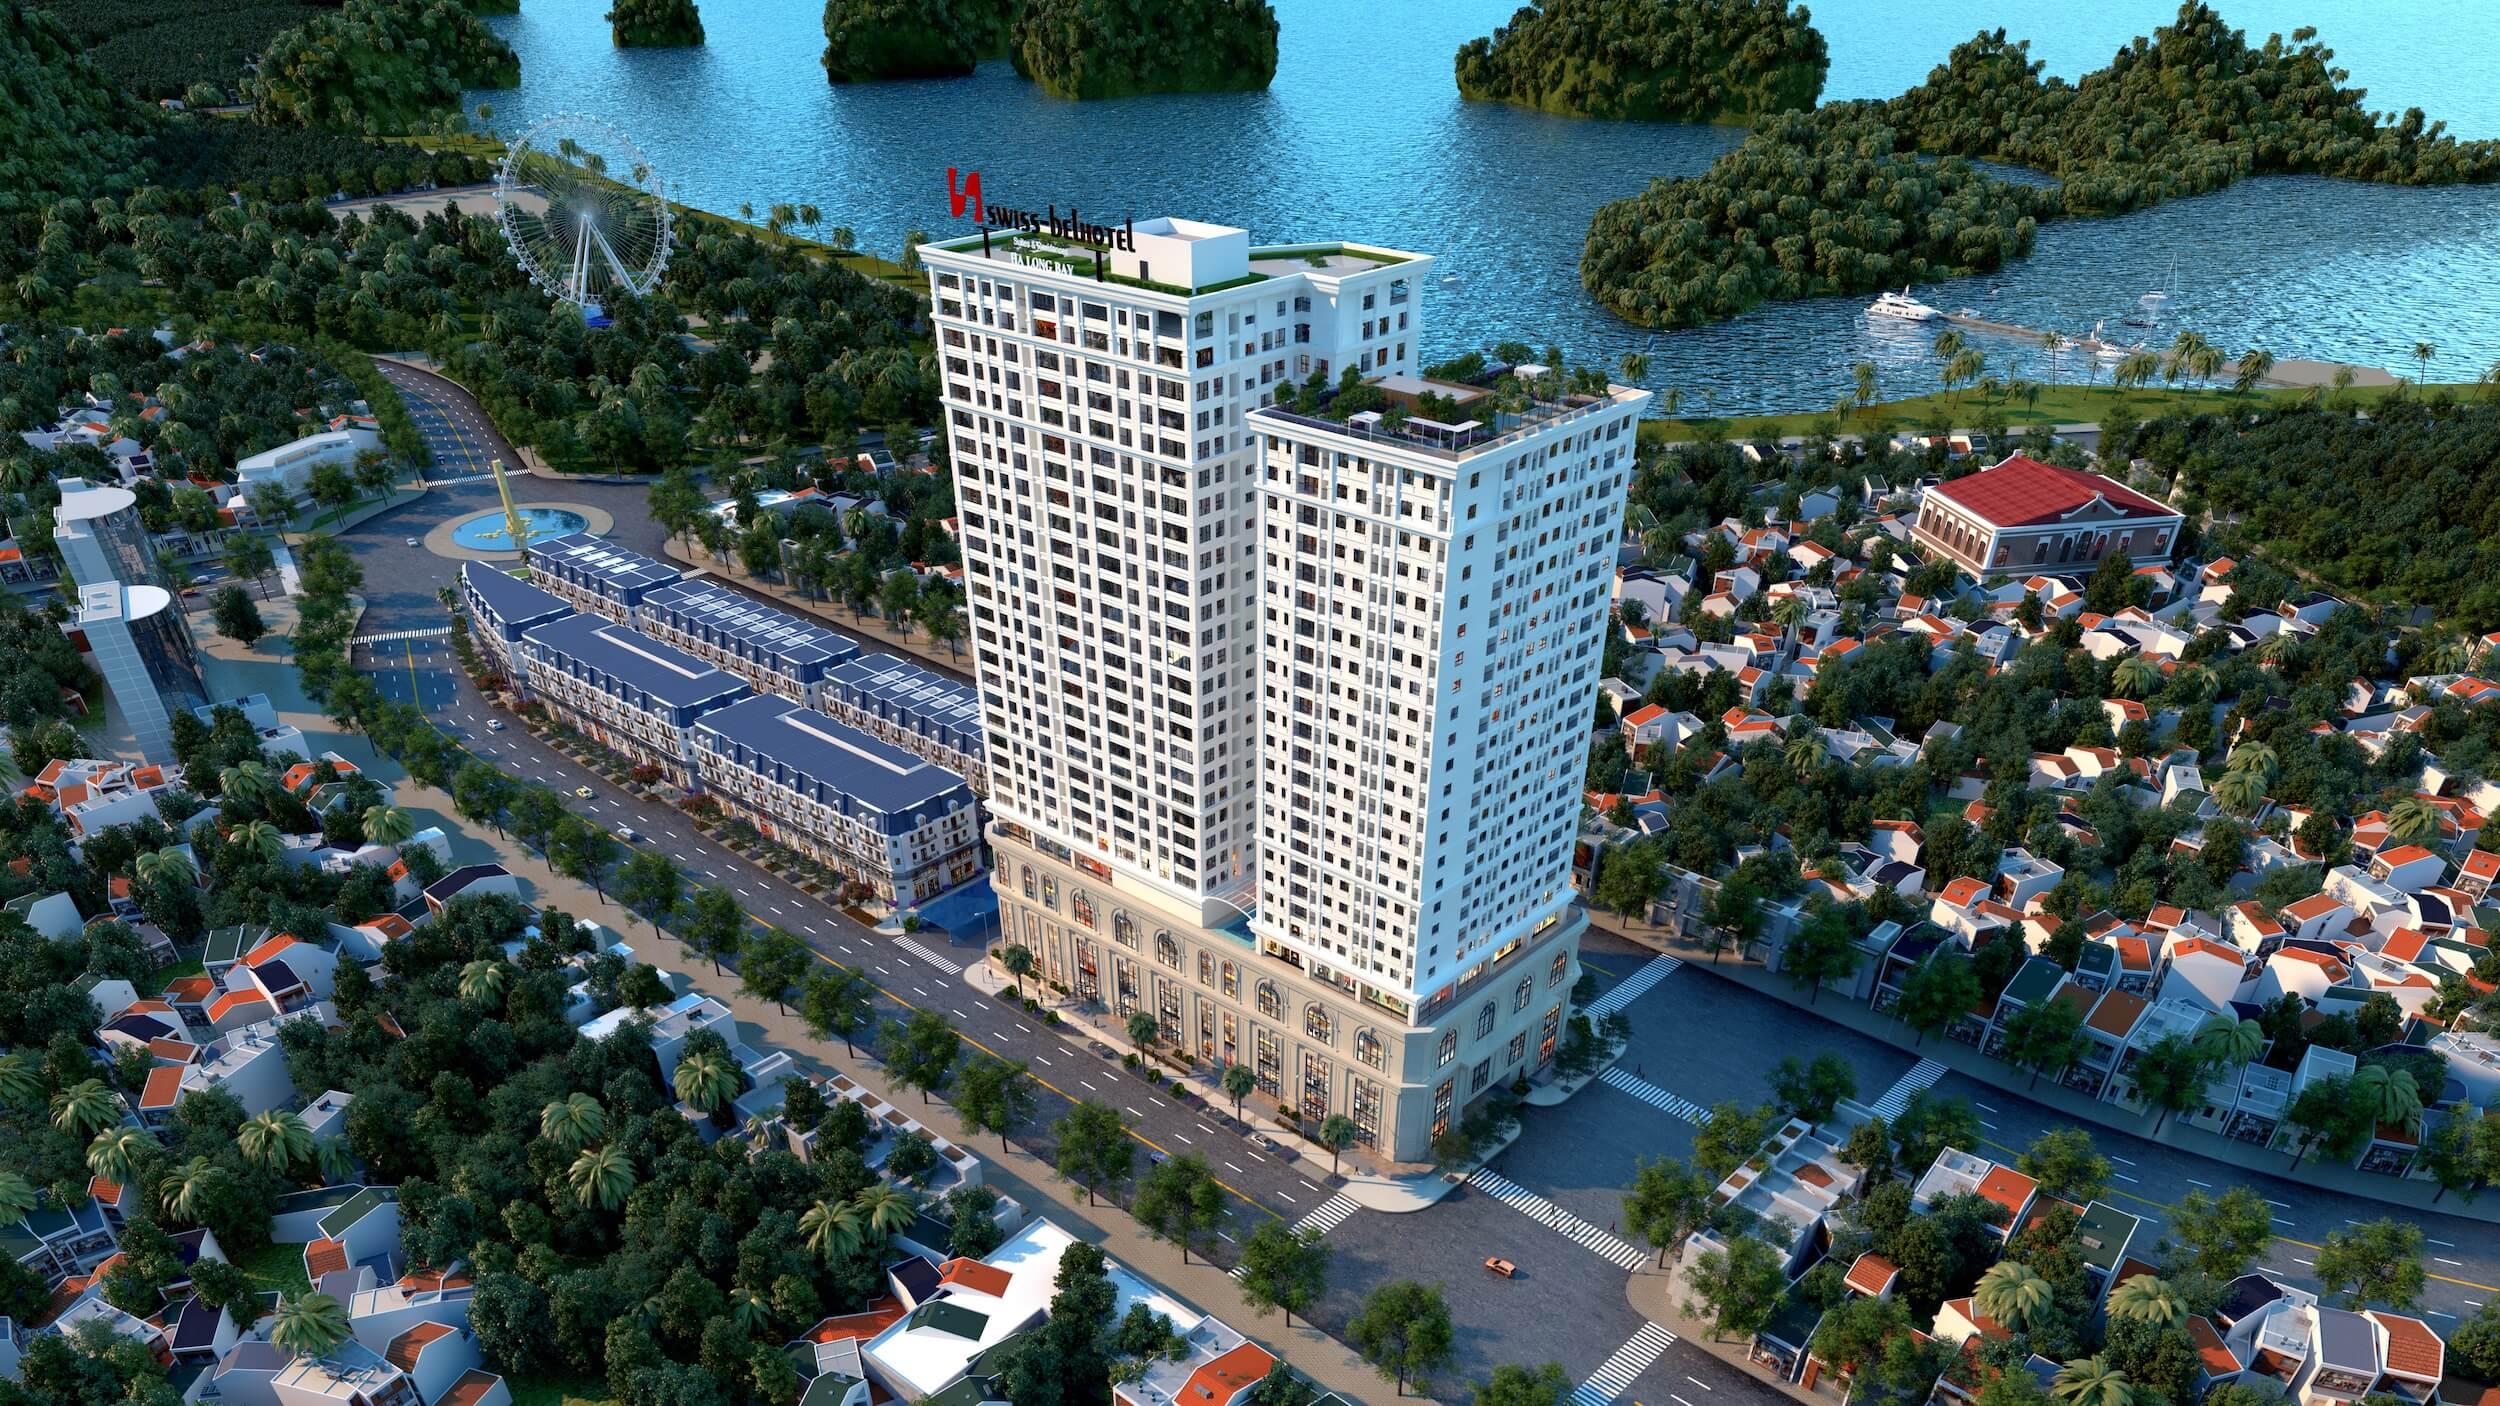 Swiss-Belhotel International devwale plan ekspansyon anbisye nan Vyetnam